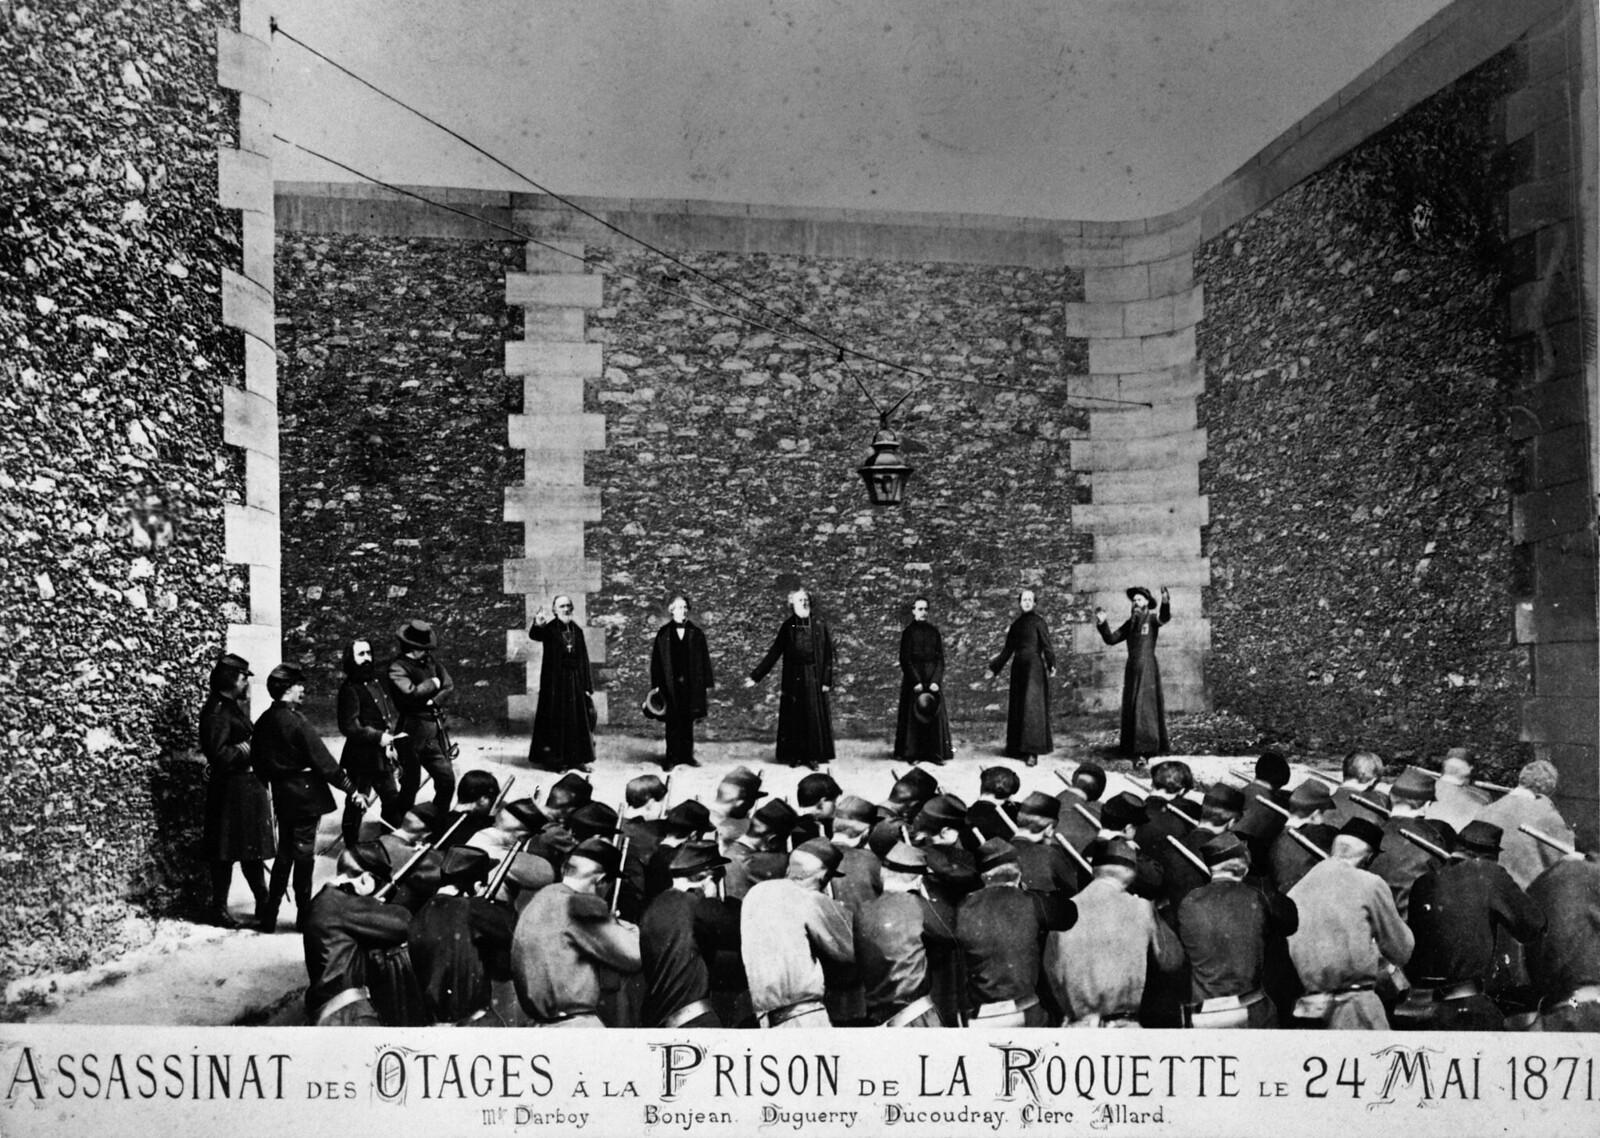 В последние дни Парижской коммуны заложники, среди которых были  архиепископ Парижа Жорж Дарбуа, председатель Верховного суда Бонжан и священники Аллард, Клерк, Дюкудрей и Дюгерри были убиты повстанцами в отместку за расстрелы версальцами коммунаров